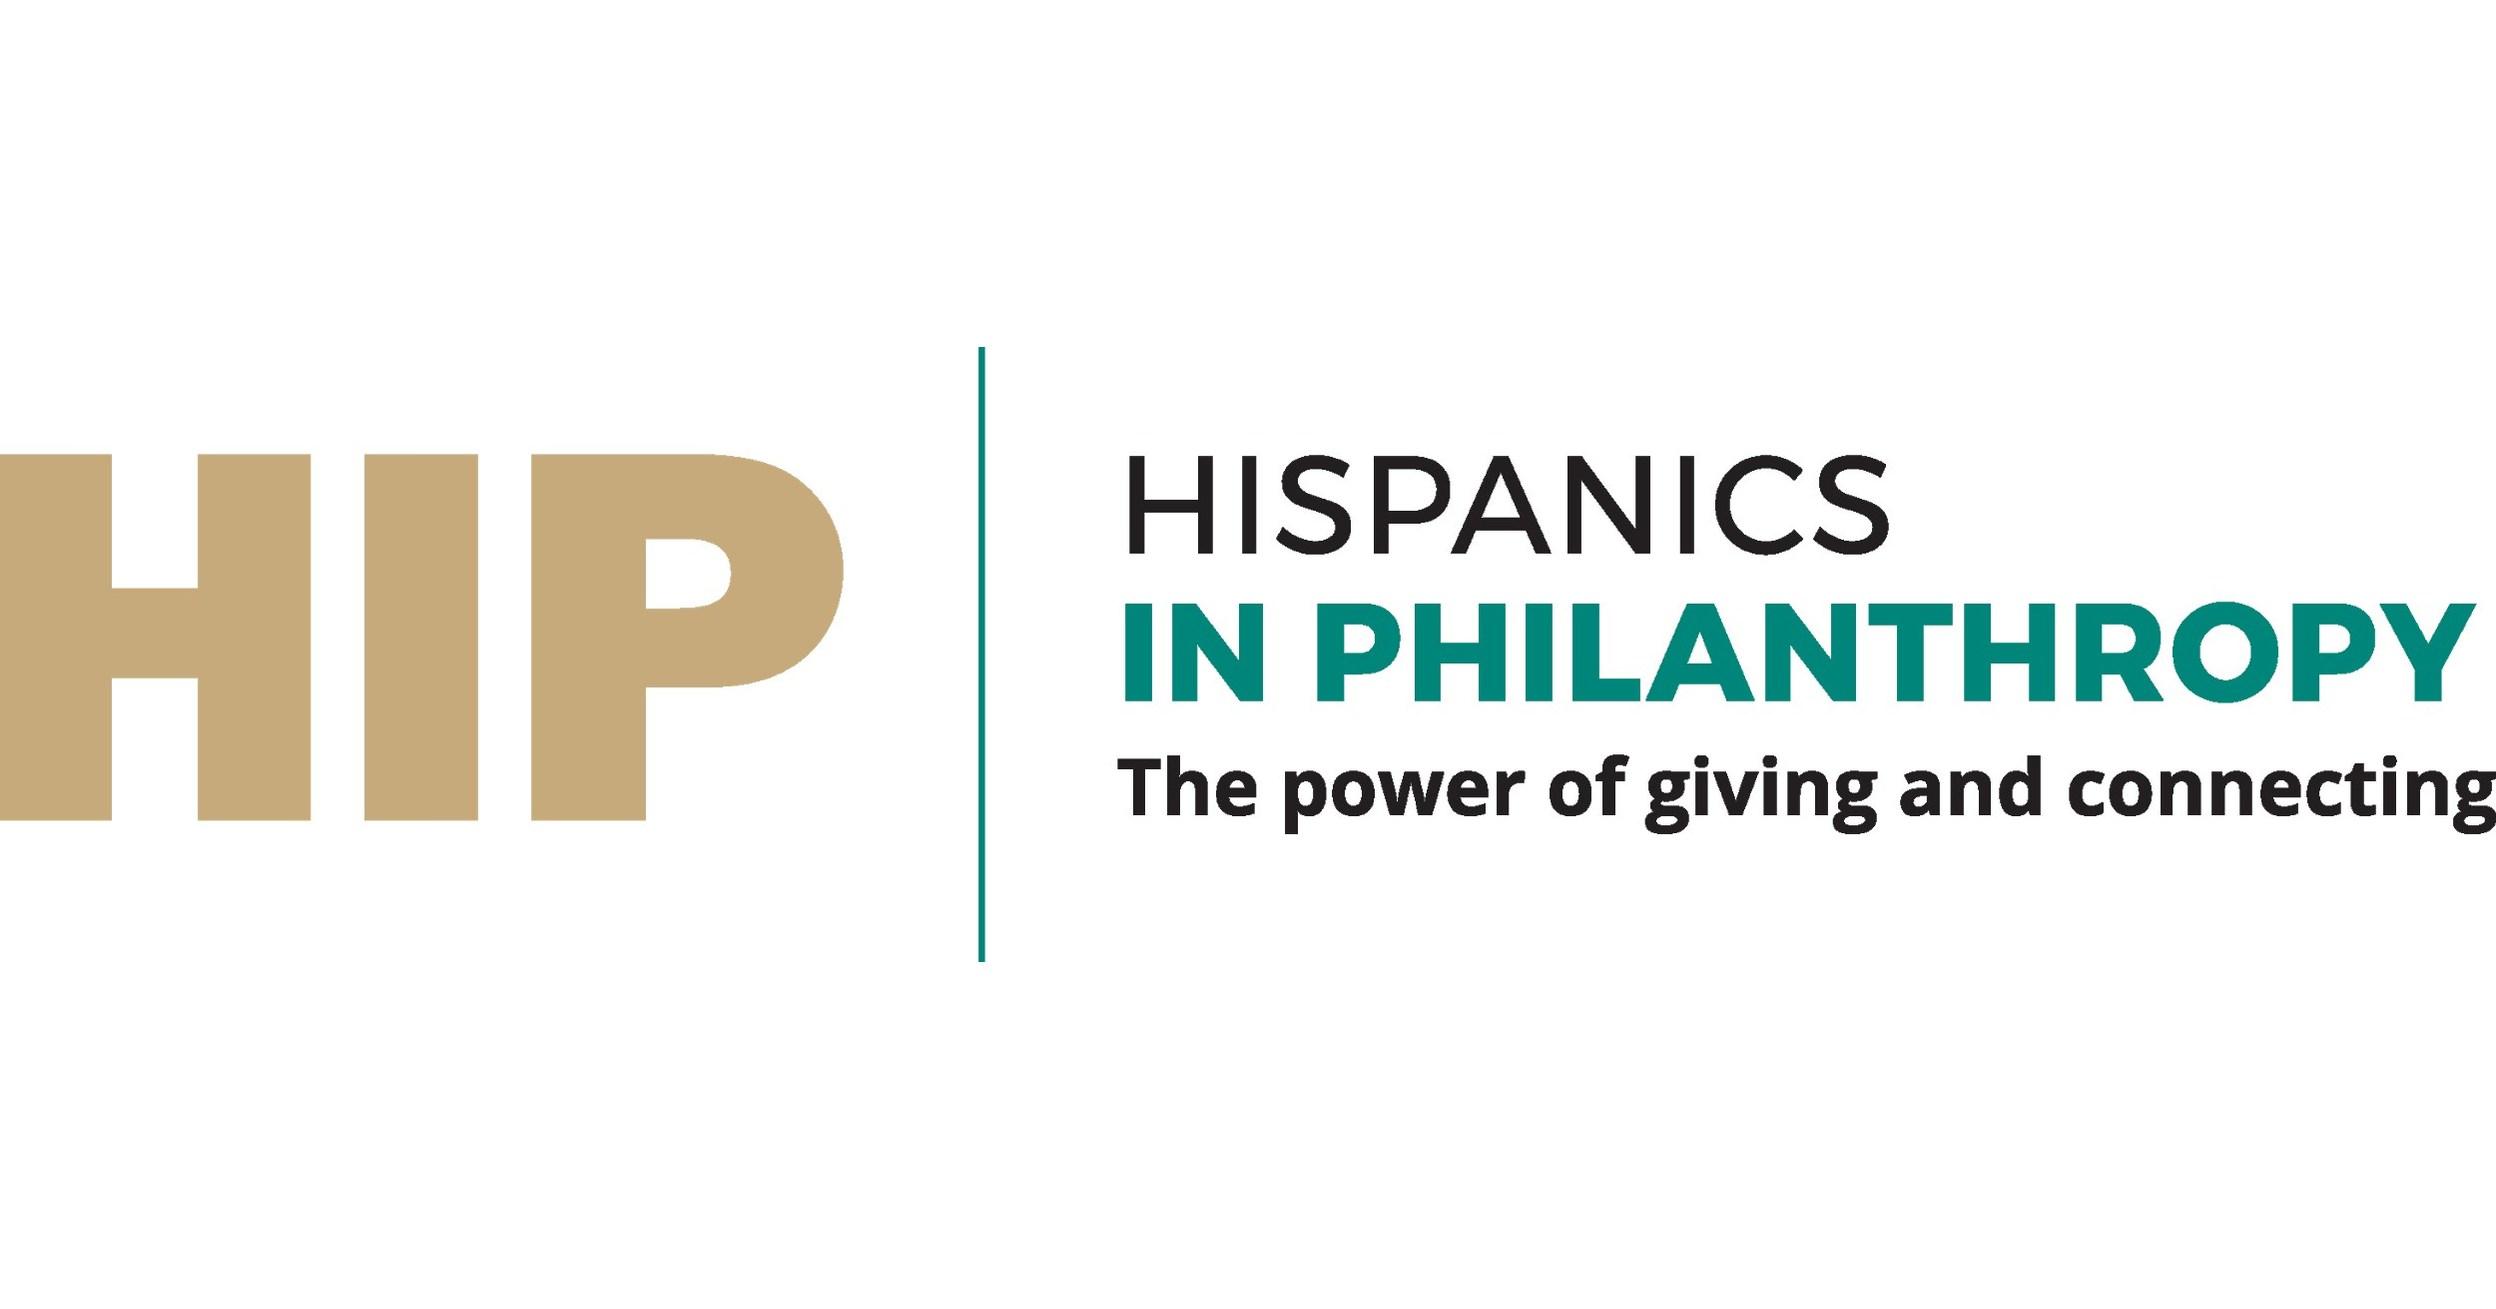 Hispanics In Philanthropy & Ureeka unen fuerzas para ayudar a las empresas  más afectadas por el COVID-19